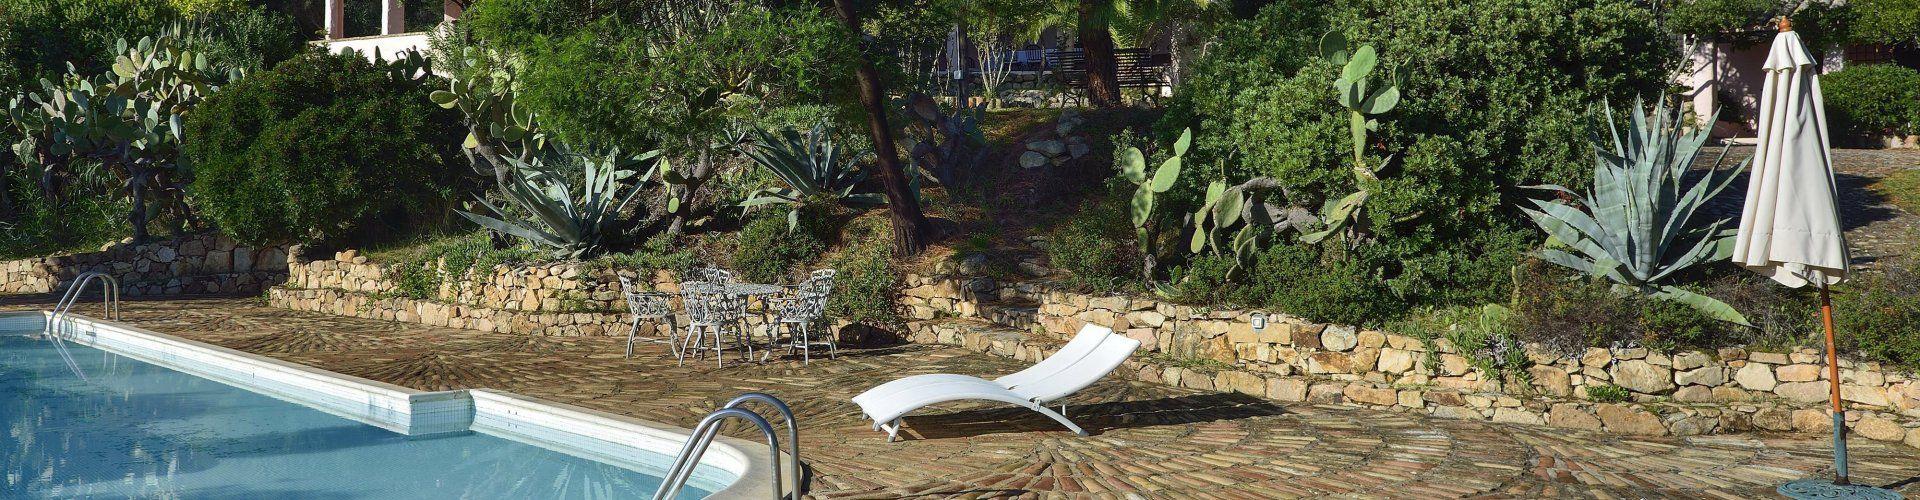 Liegestuhl mit Pool und Garten